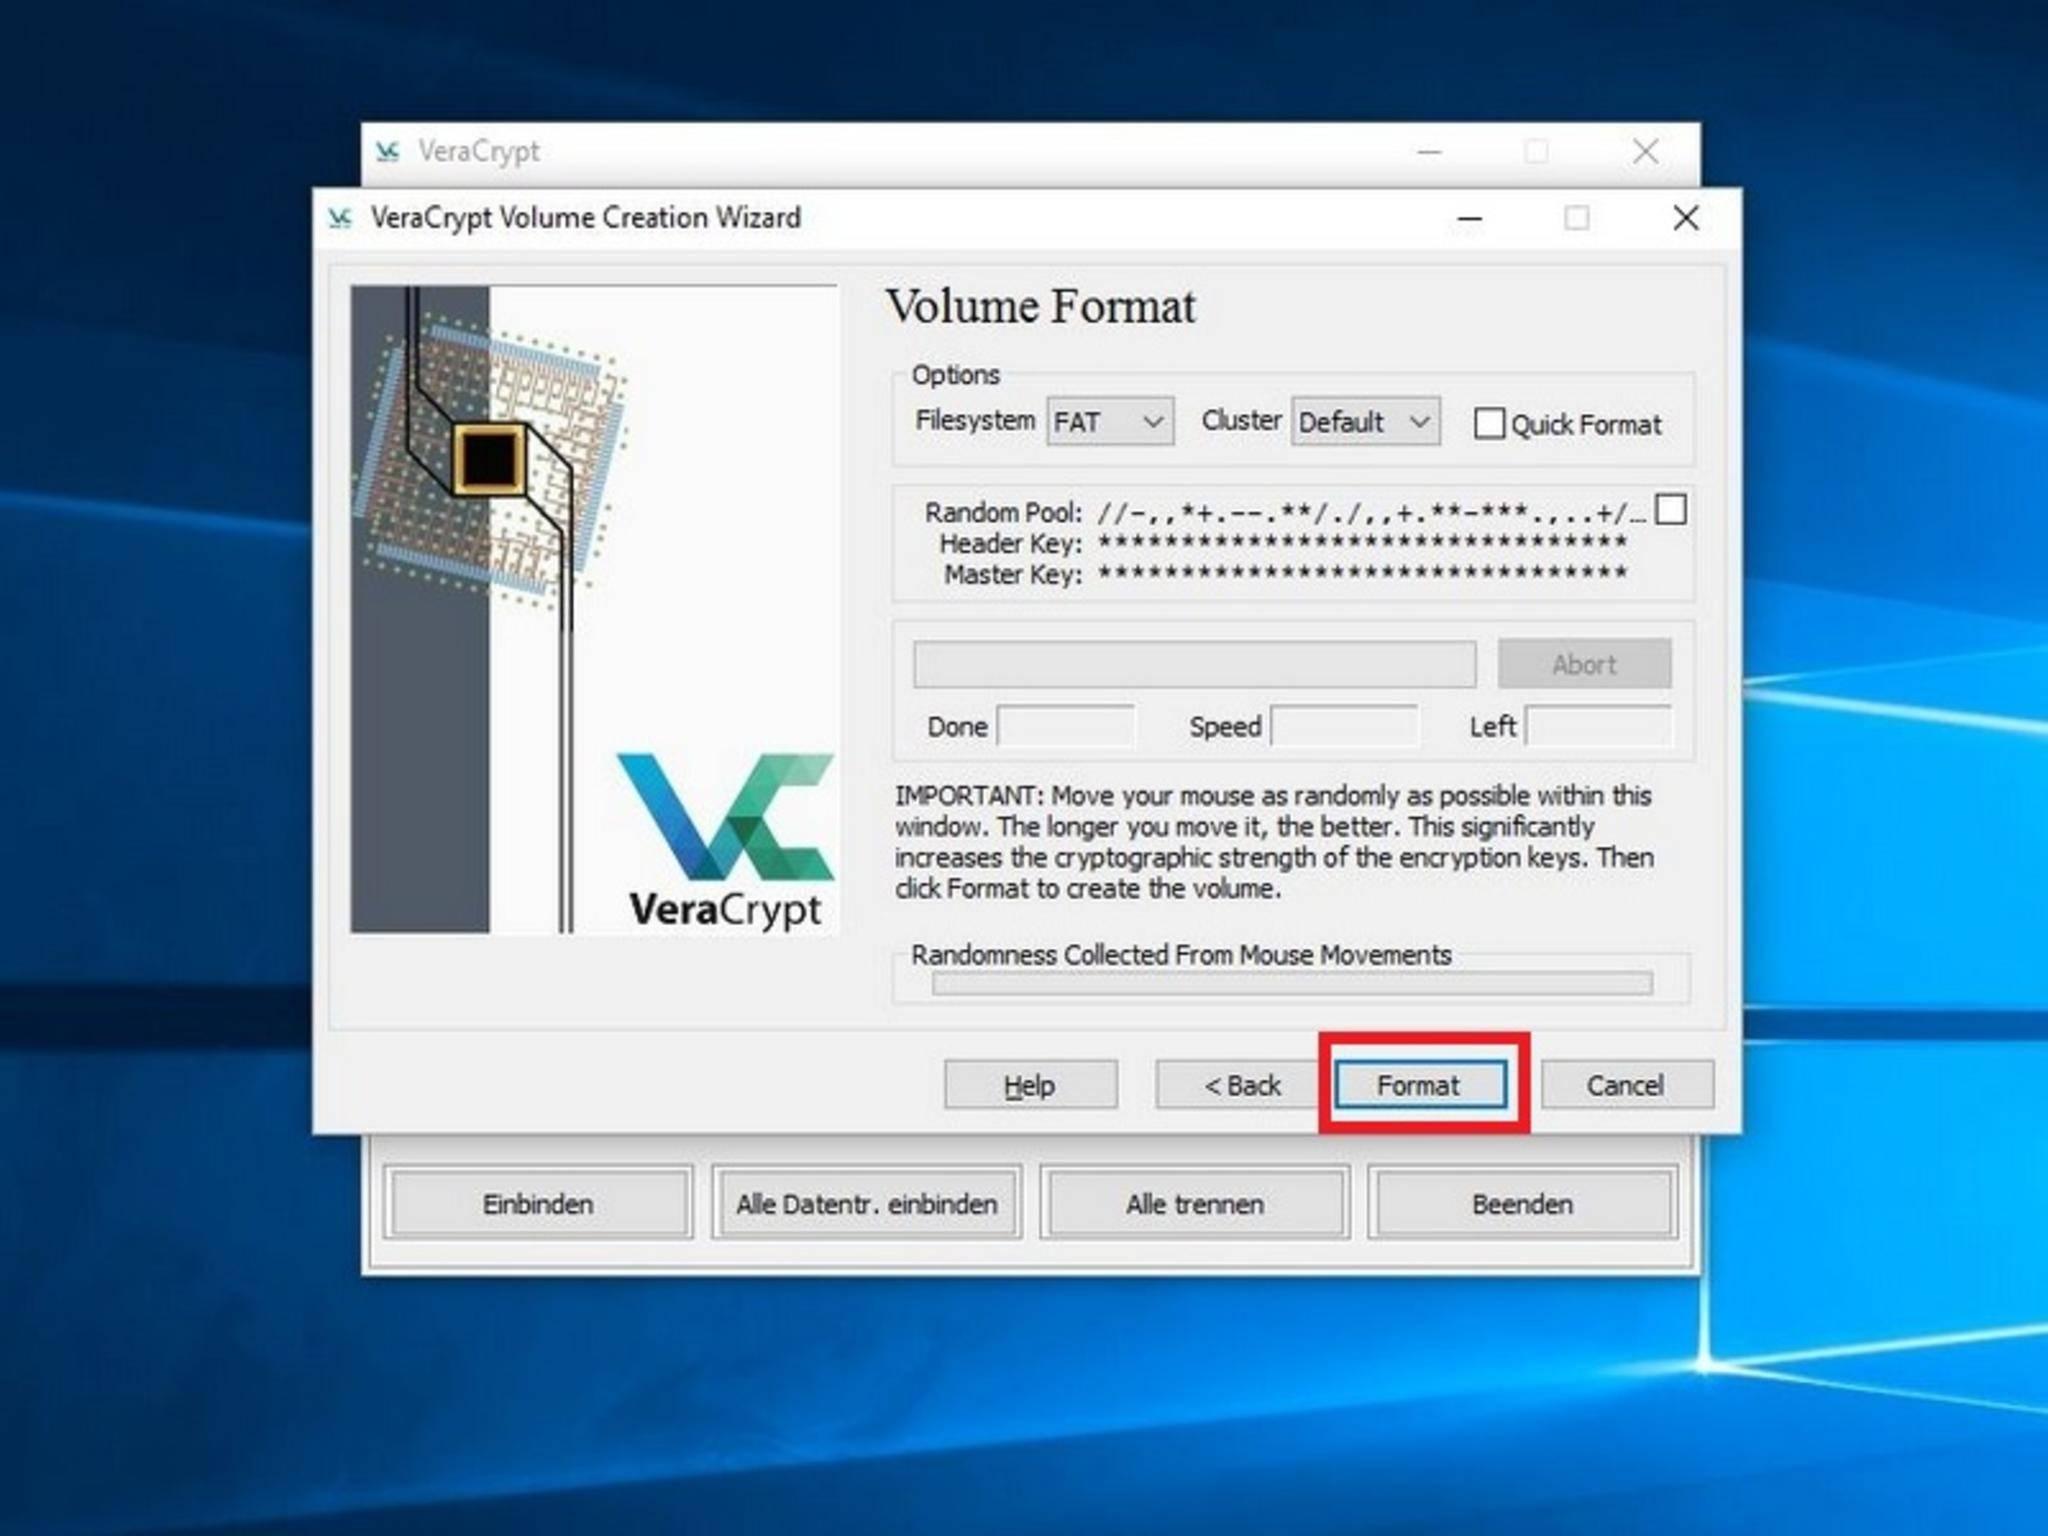 """Mit """"Format"""" wird die Verschlüsselung des Sticks schließlich gestartet."""